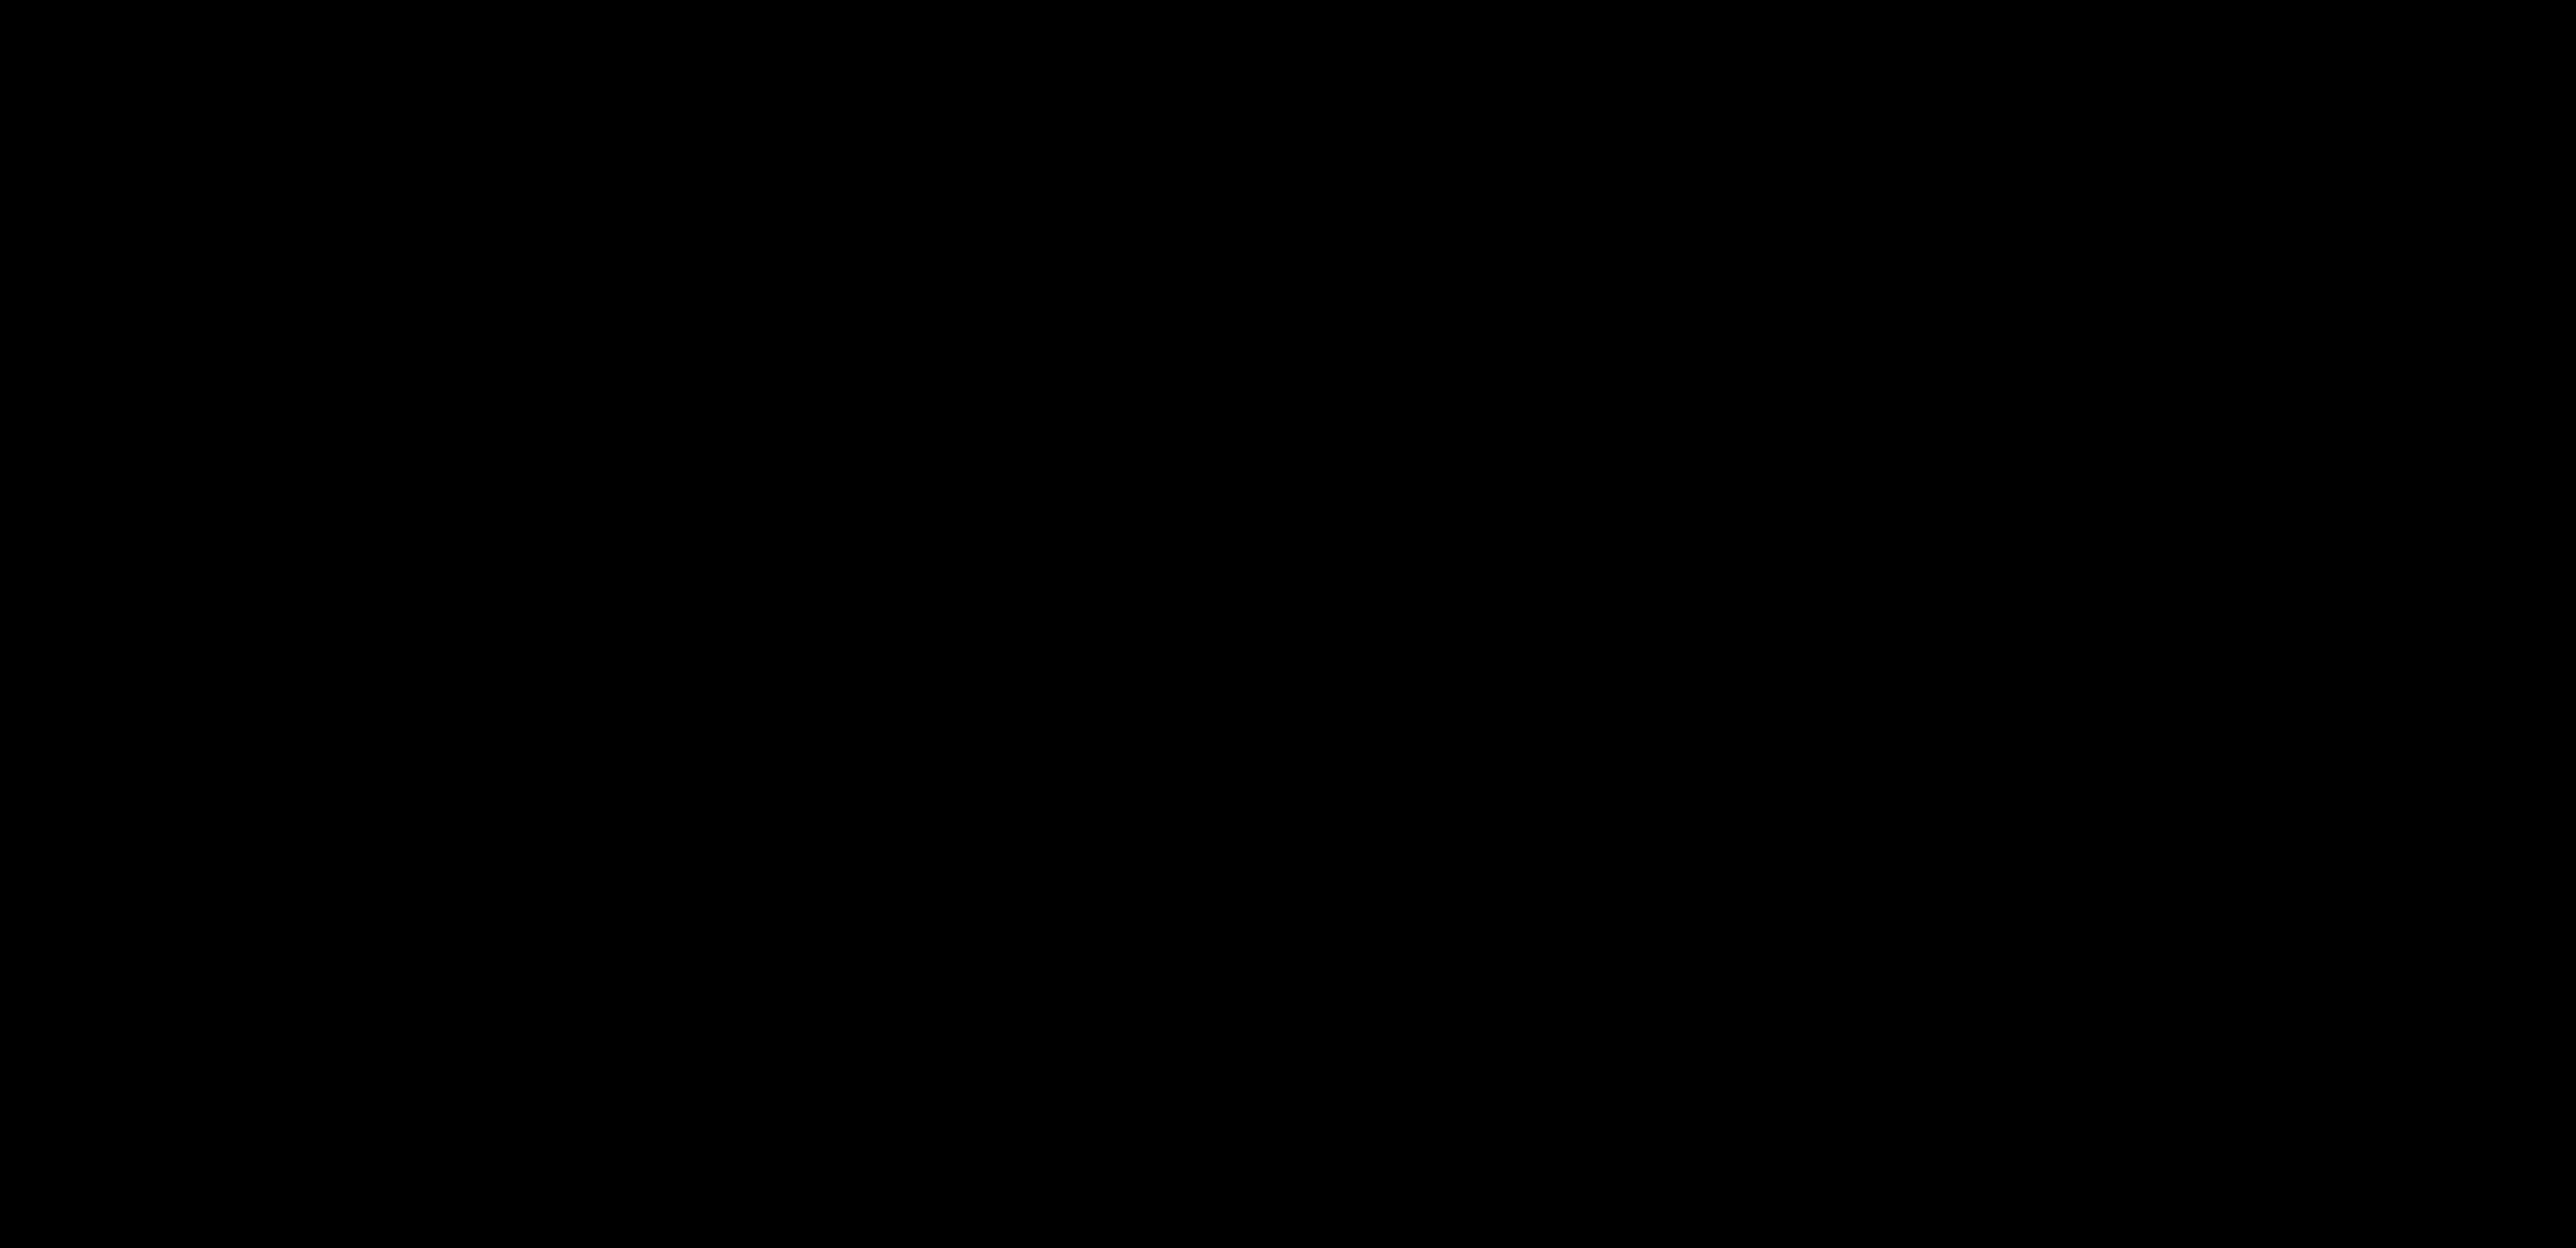 Definizione di superficie coperta casamia idea di immagine for Piani di coperta autoportanti